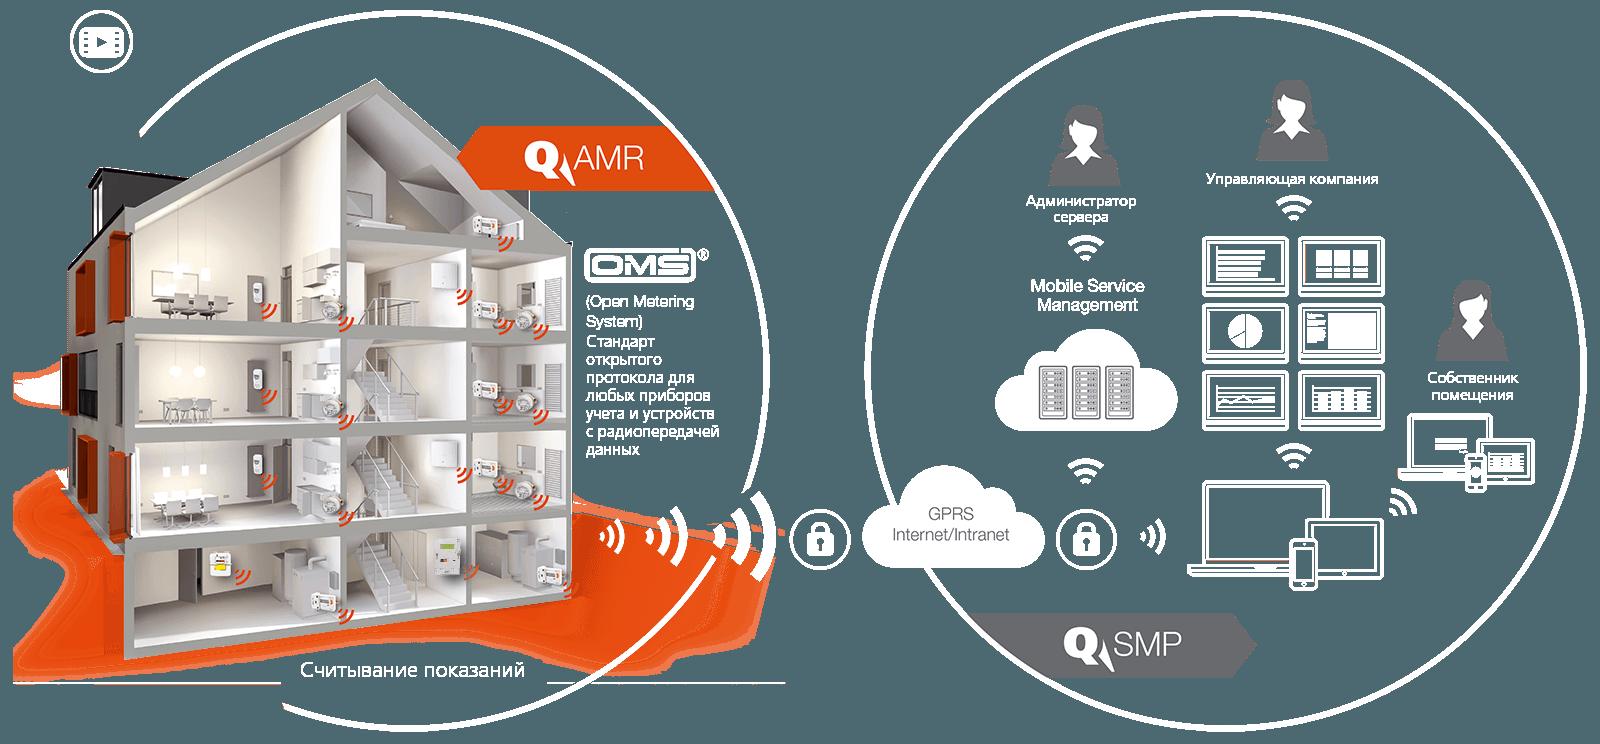 Grafik_System_AMR-SMP_ru_orange